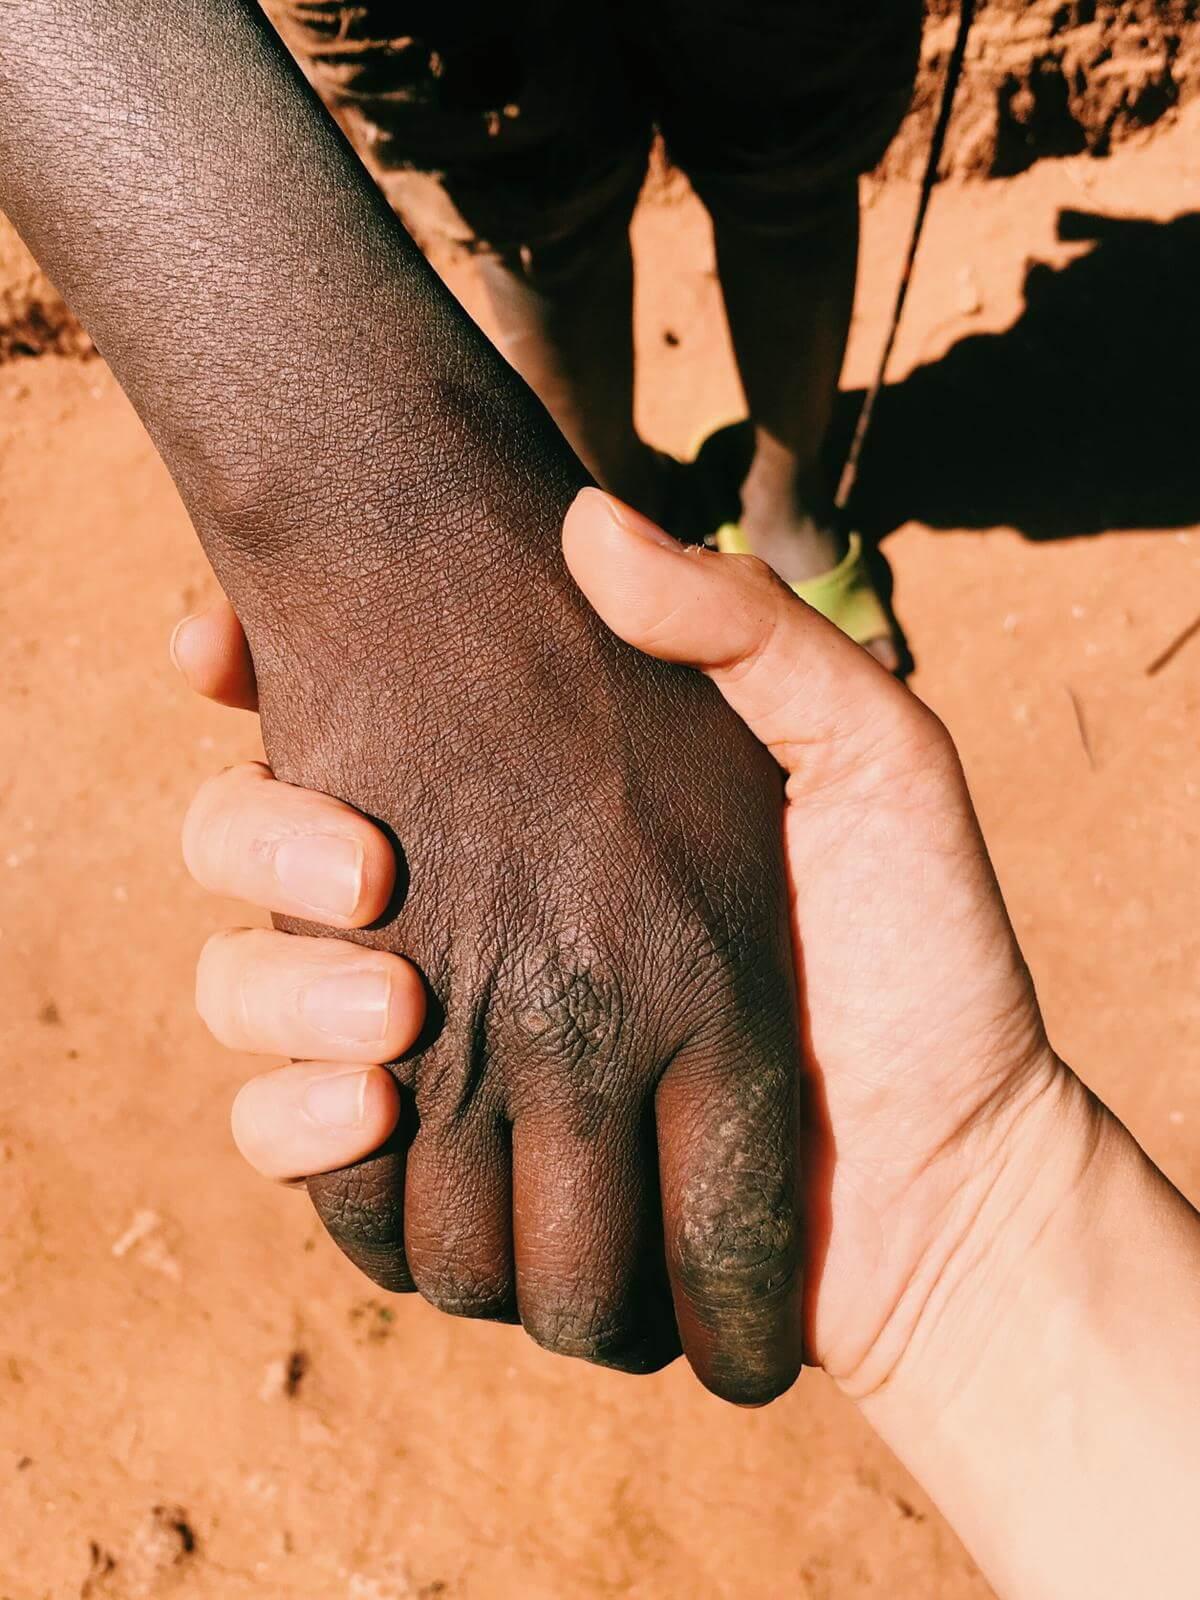 探訪時遇到一位患了瘧疾的小妹妹,Jill幫她祈禱後竟出現奇蹟。